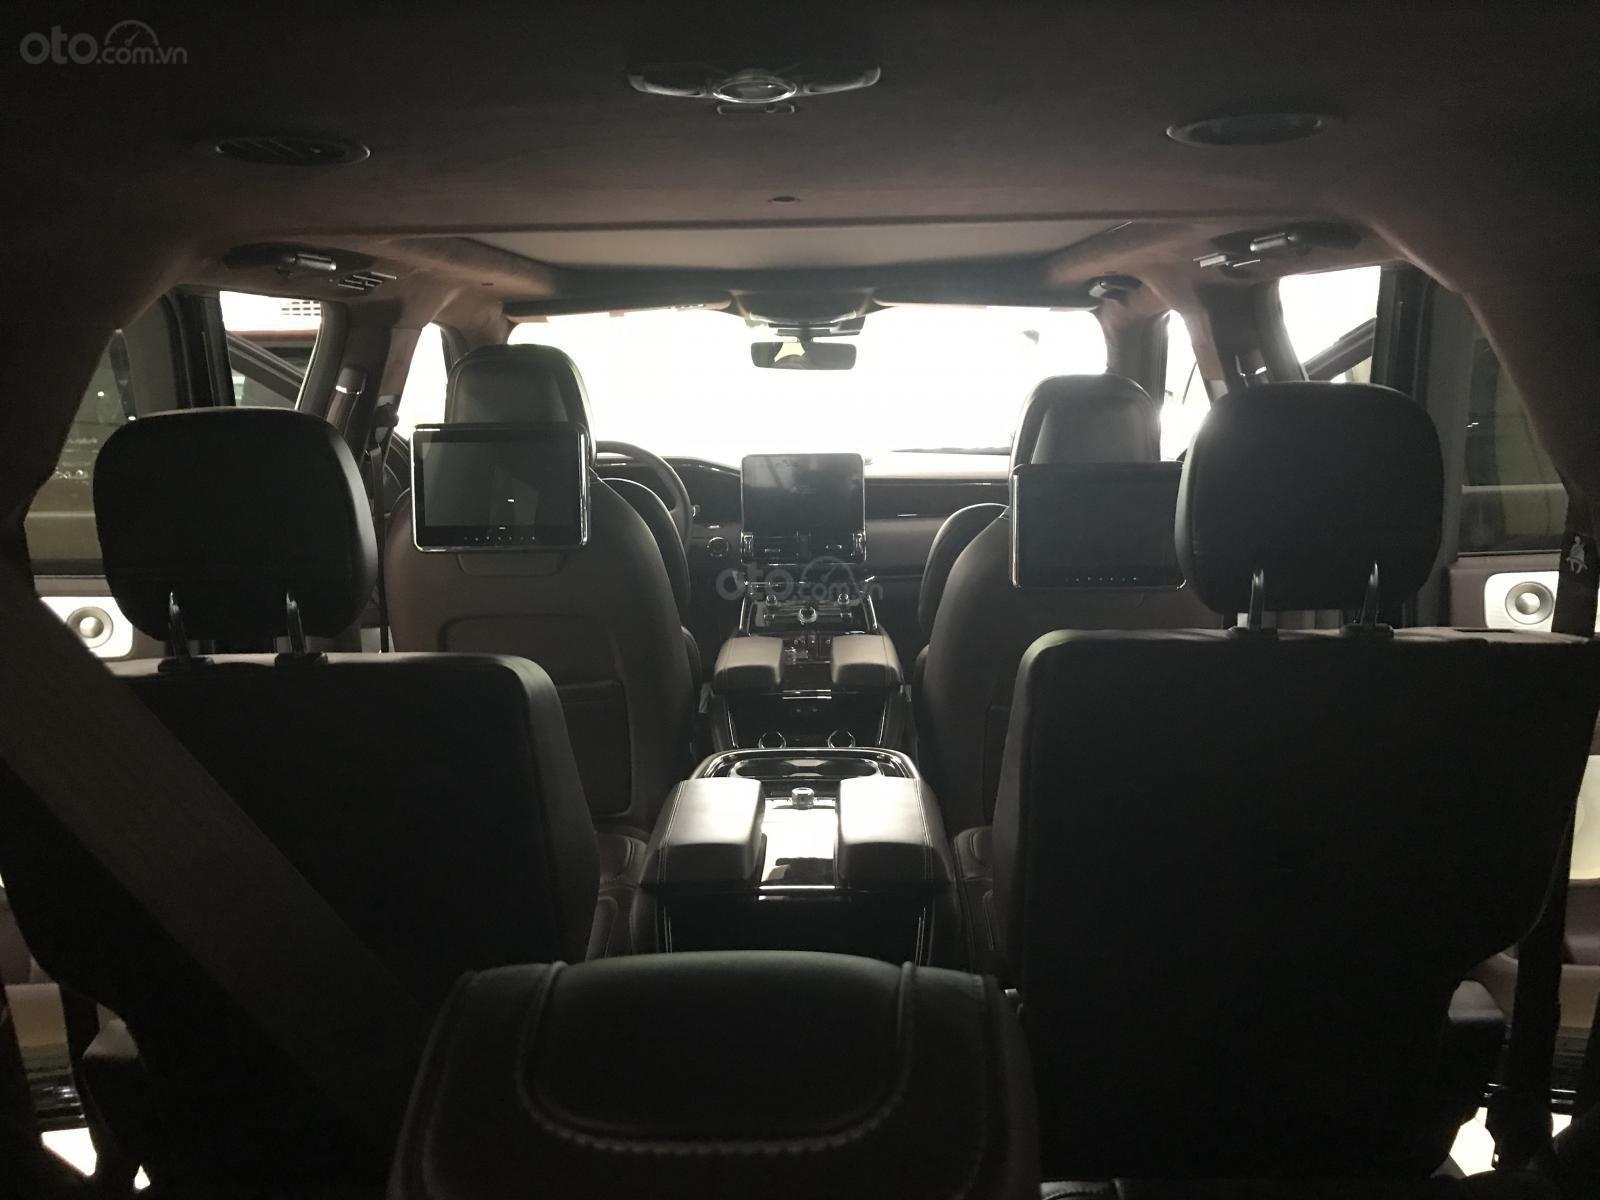 Bán Lincoln Navigator Black Label 2019, màu đen, nhập Mỹ, mới 100%, xe giao ngay. LH: 0906223838-10